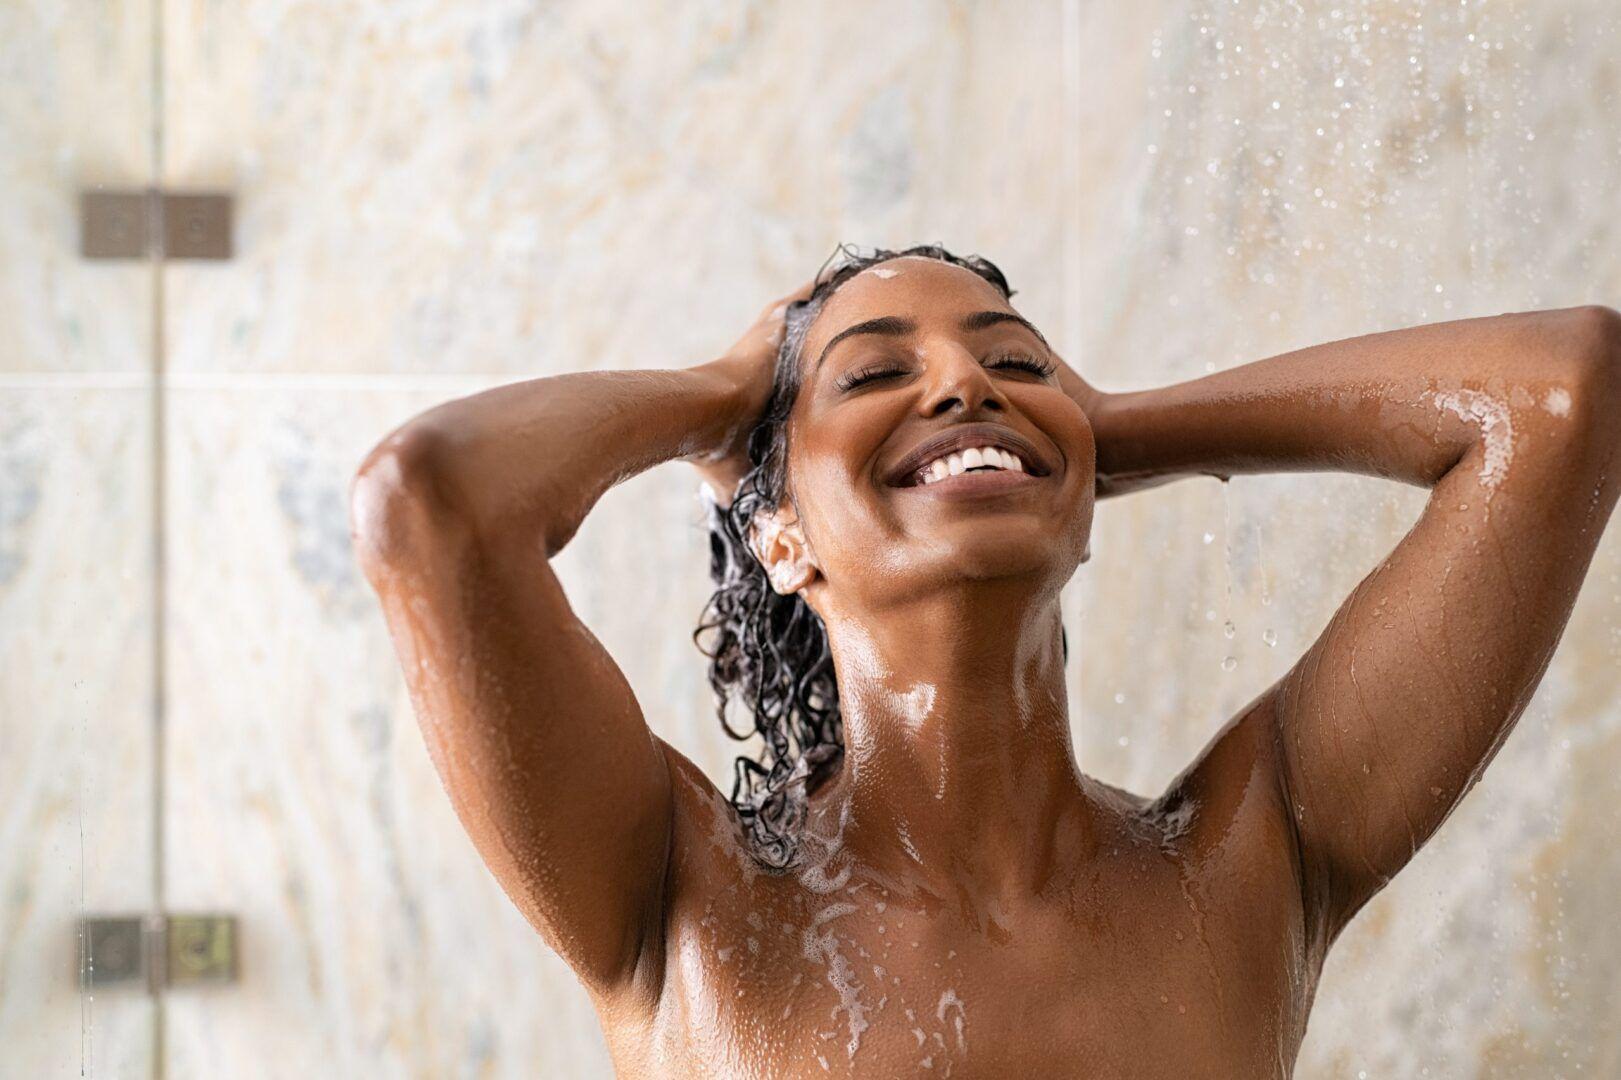 Baño frío: 9 beneficios para el cuerpo y la mente